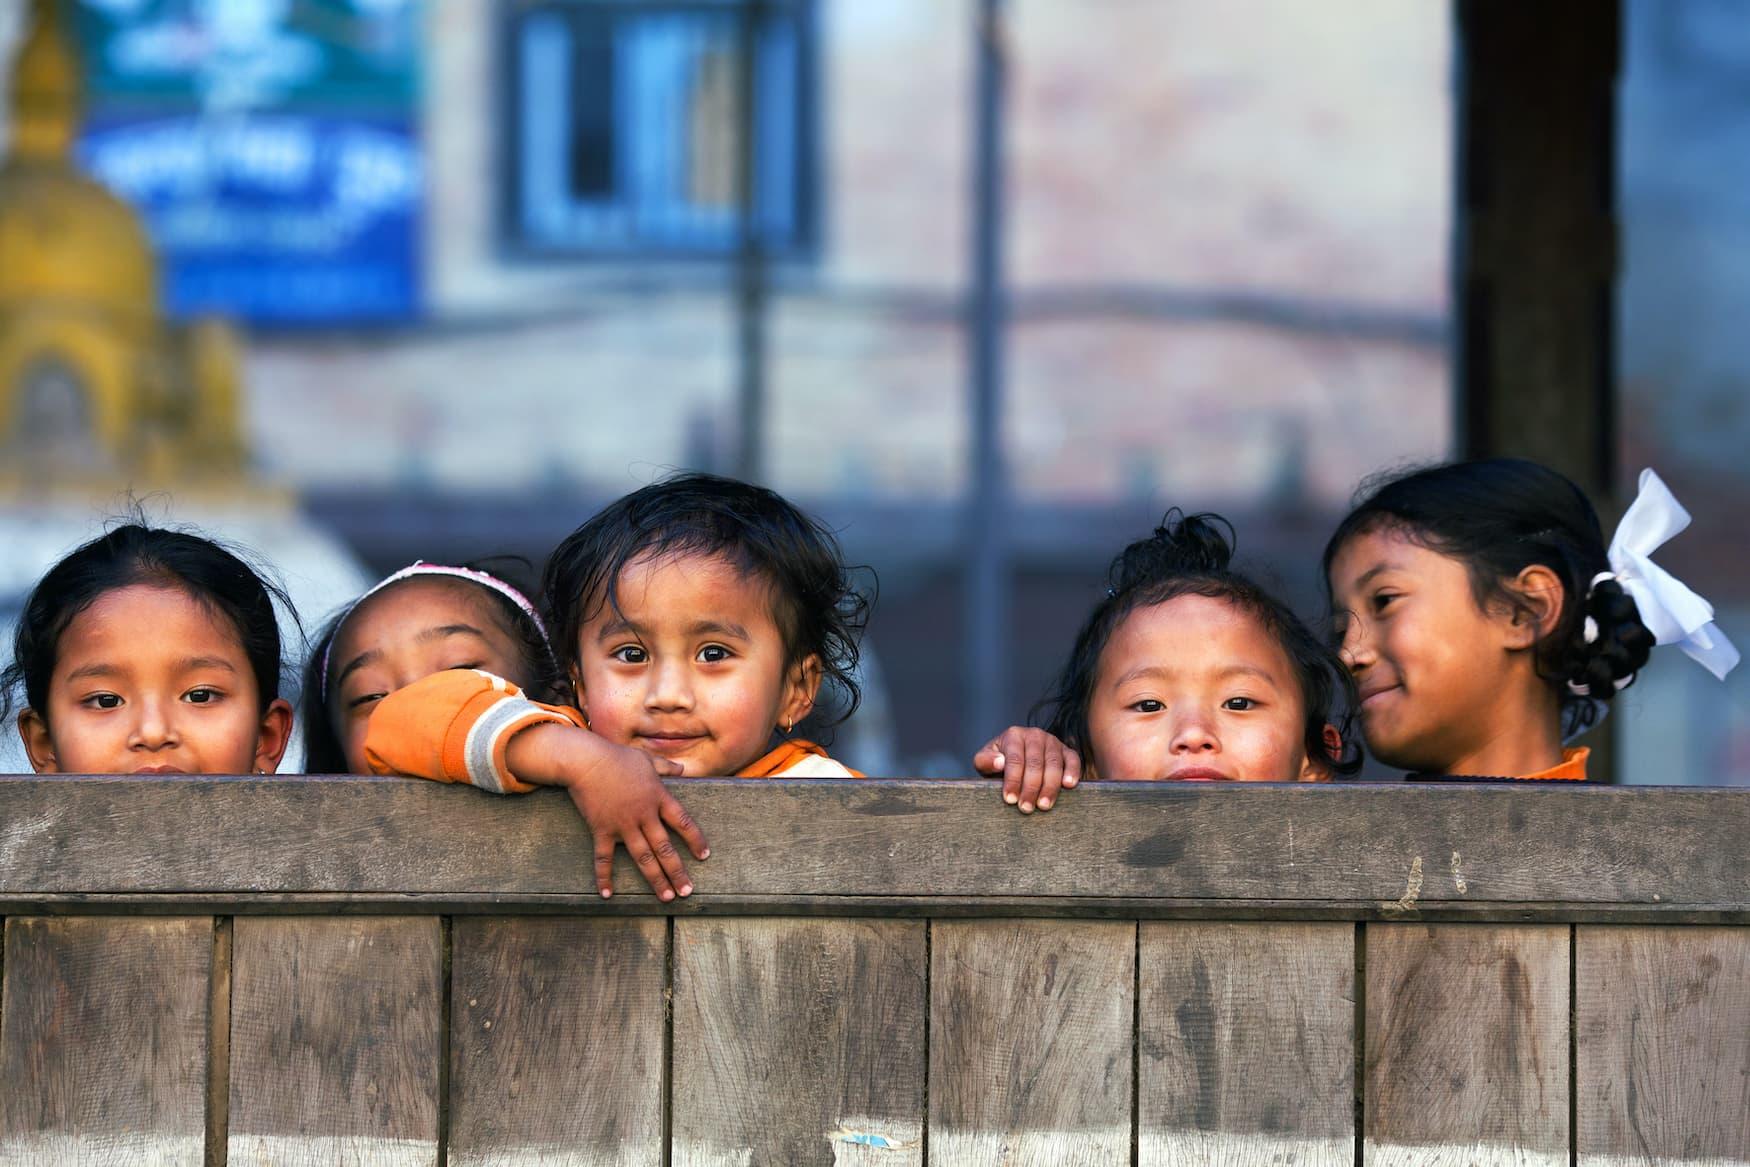 Mädchen in Schule in Nepal lächeln schüchtern in die Kamera und verstecken sich hinter Zaun